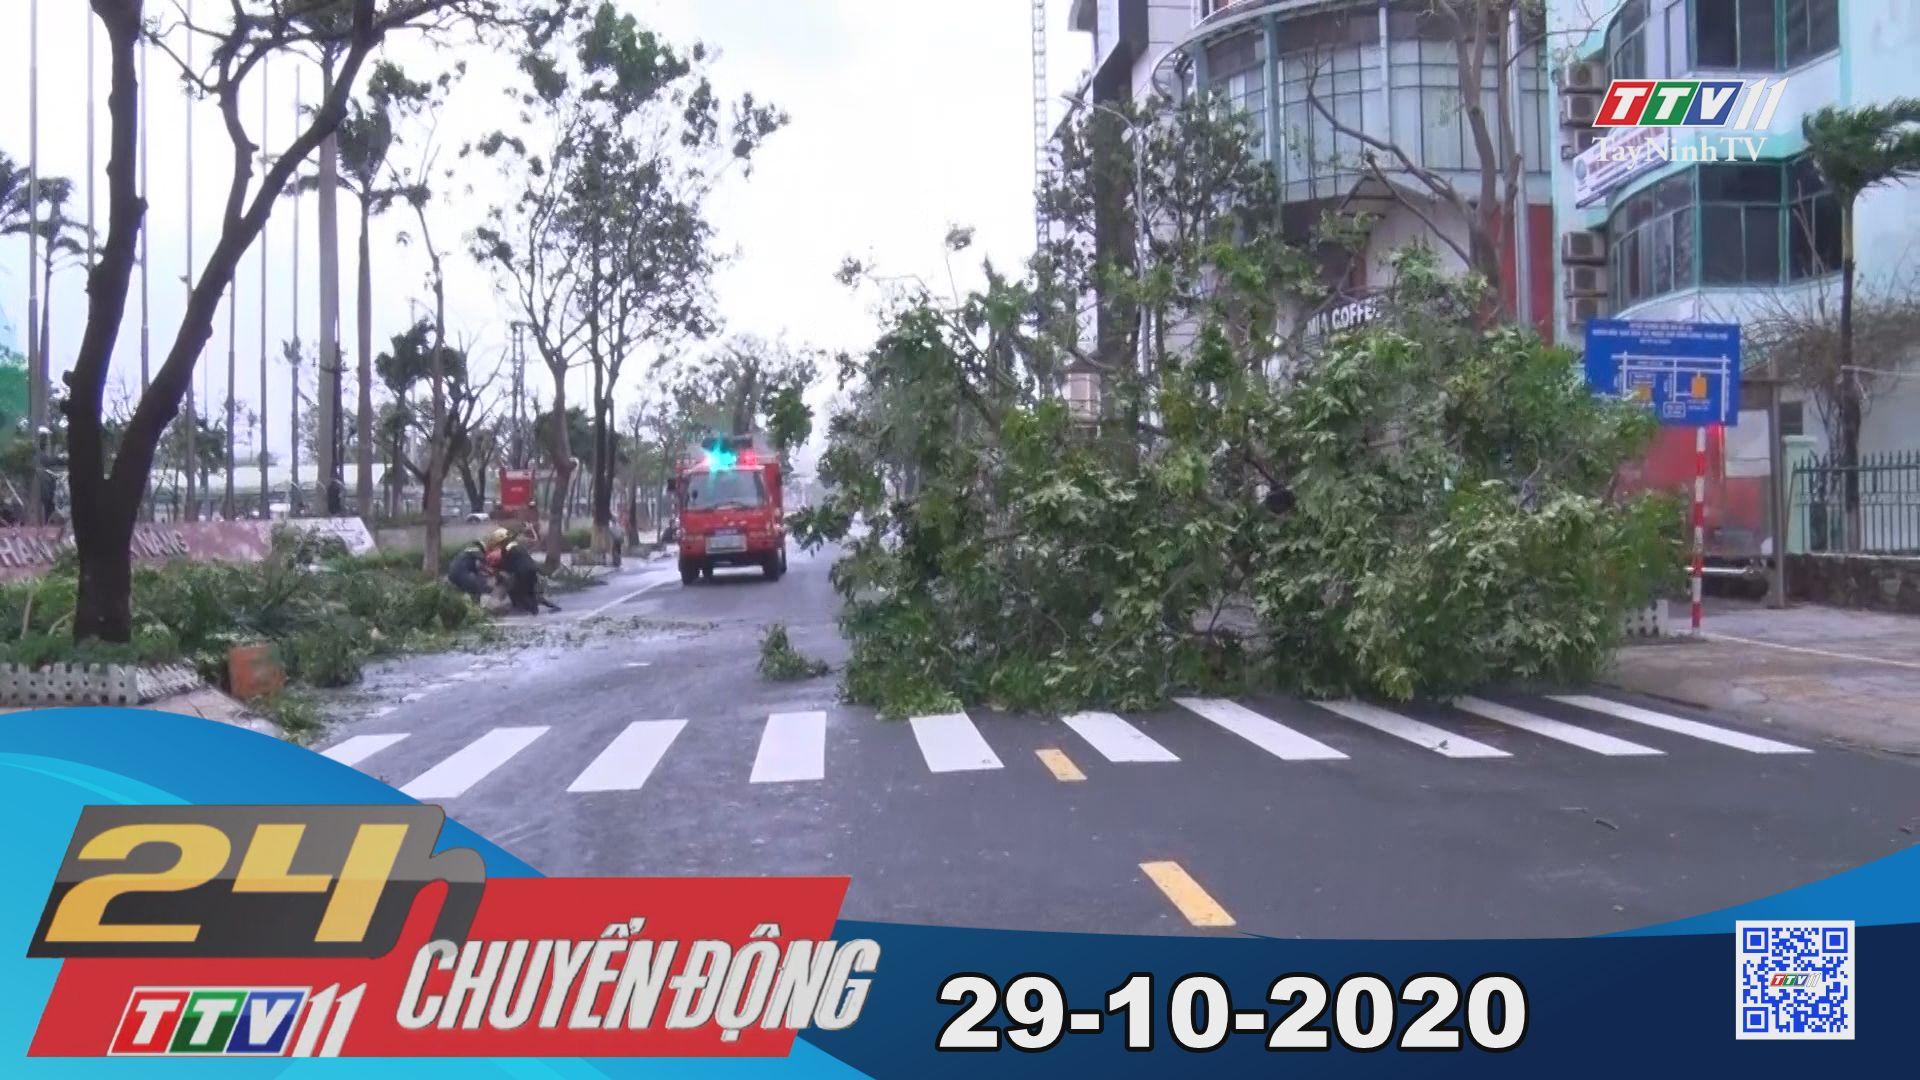 24h Chuyển động 29-10-2020 | Tin tức hôm nay | TayNinhTV